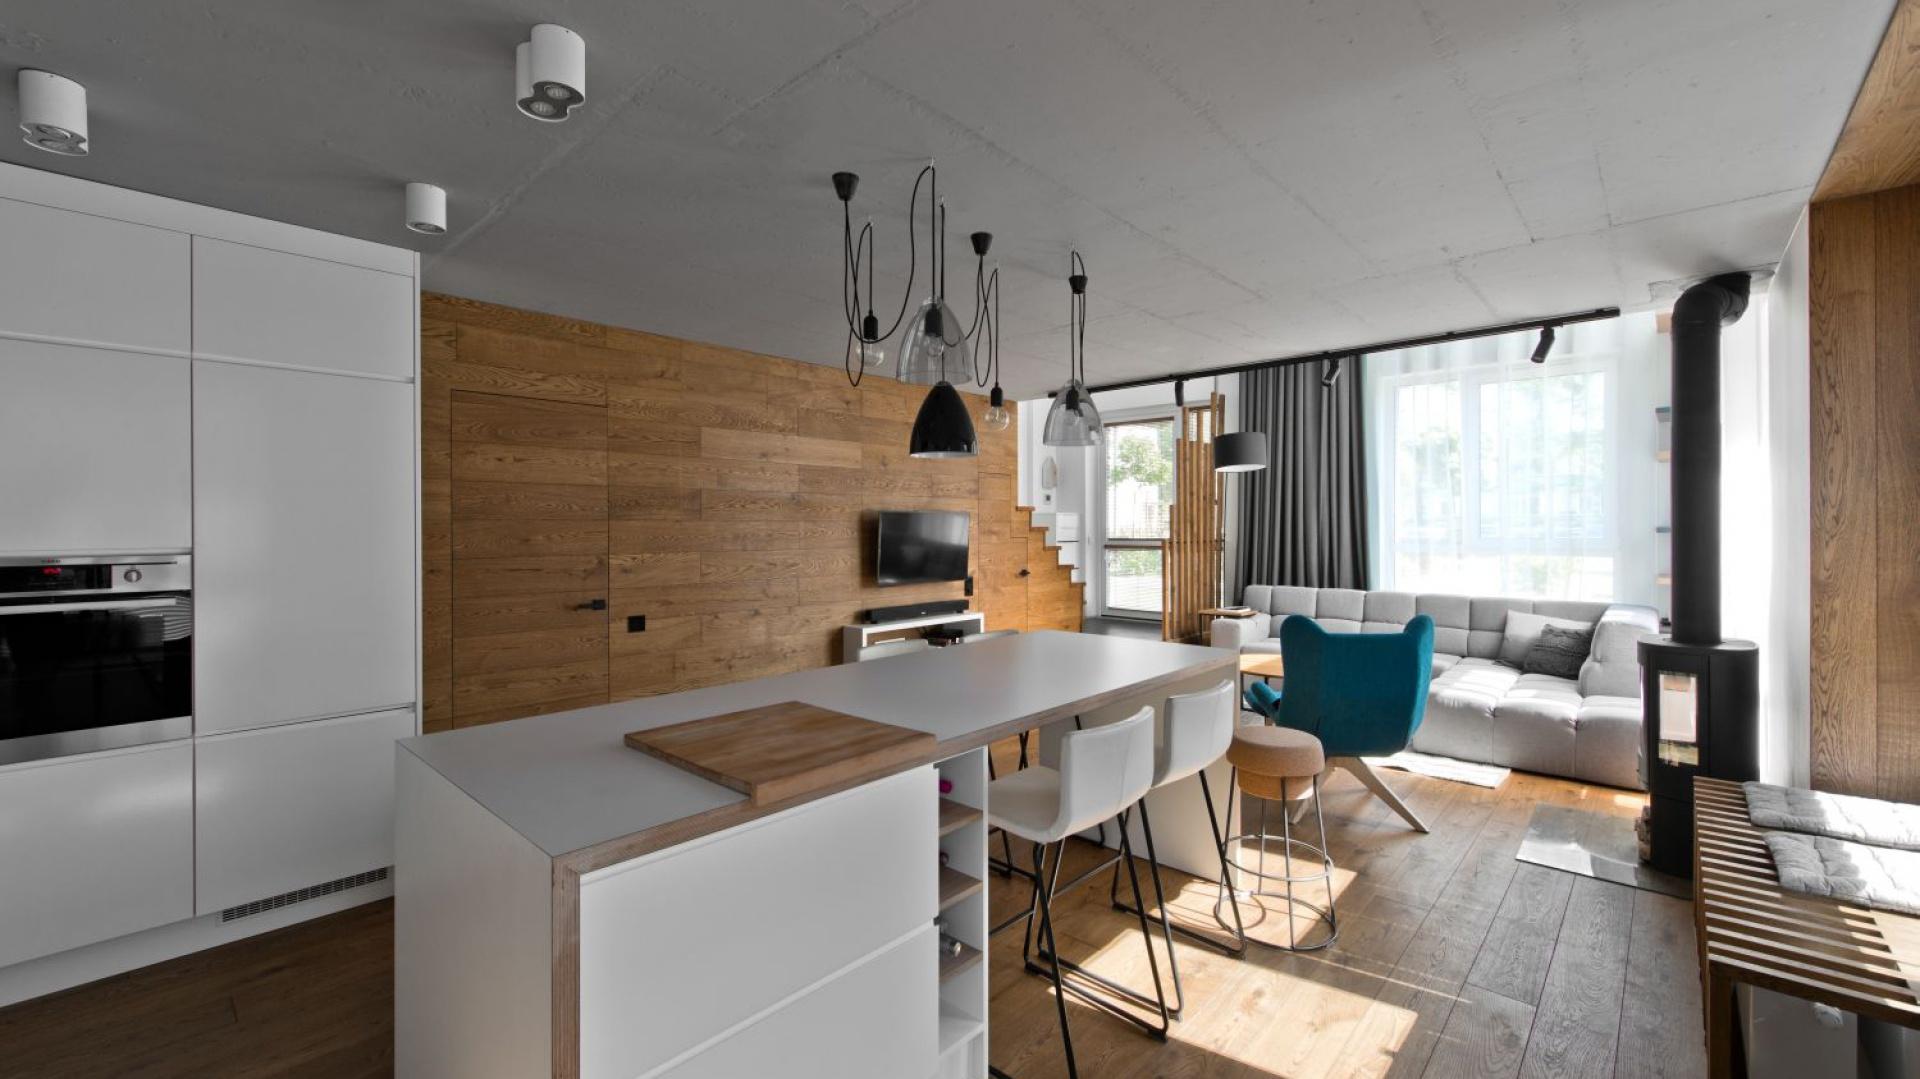 Z salonem sąsiaduje kuchnia wykończona w  bieli i drewnie. Projekt: arch. Indre Sunkodiene. Fot. Leonas Garbačauskas